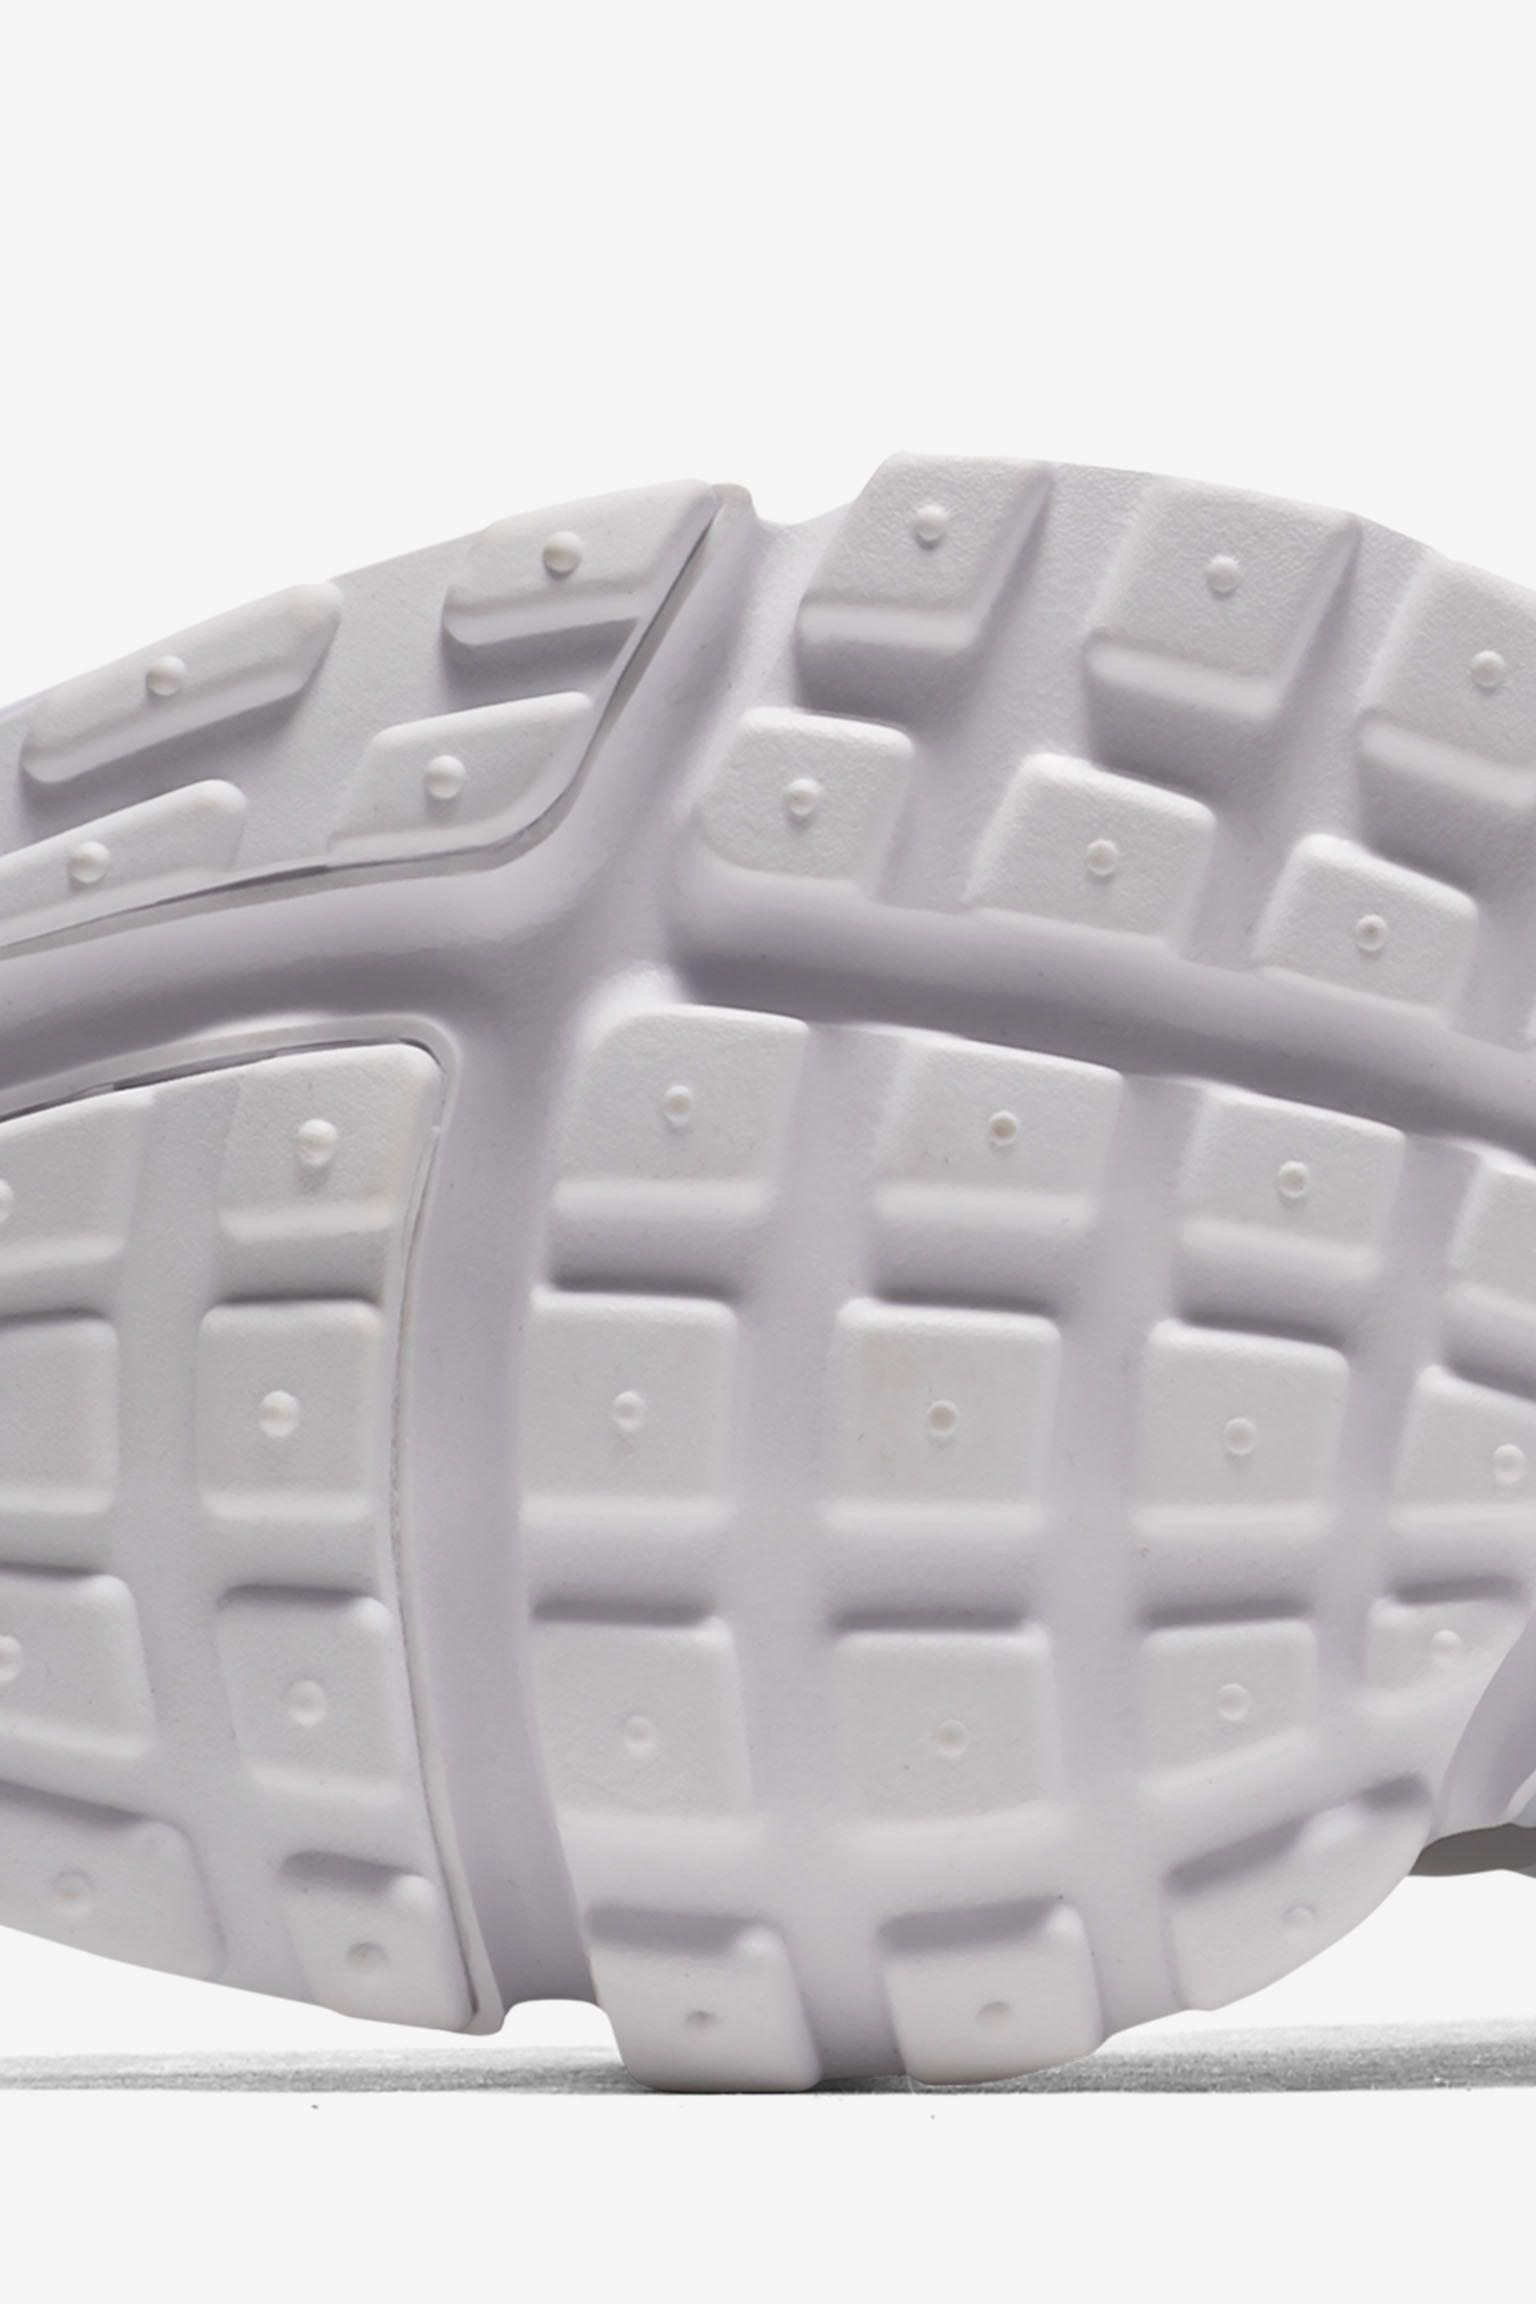 Nike Air Presto Ultra Flyknit 'Triple White' Release Date